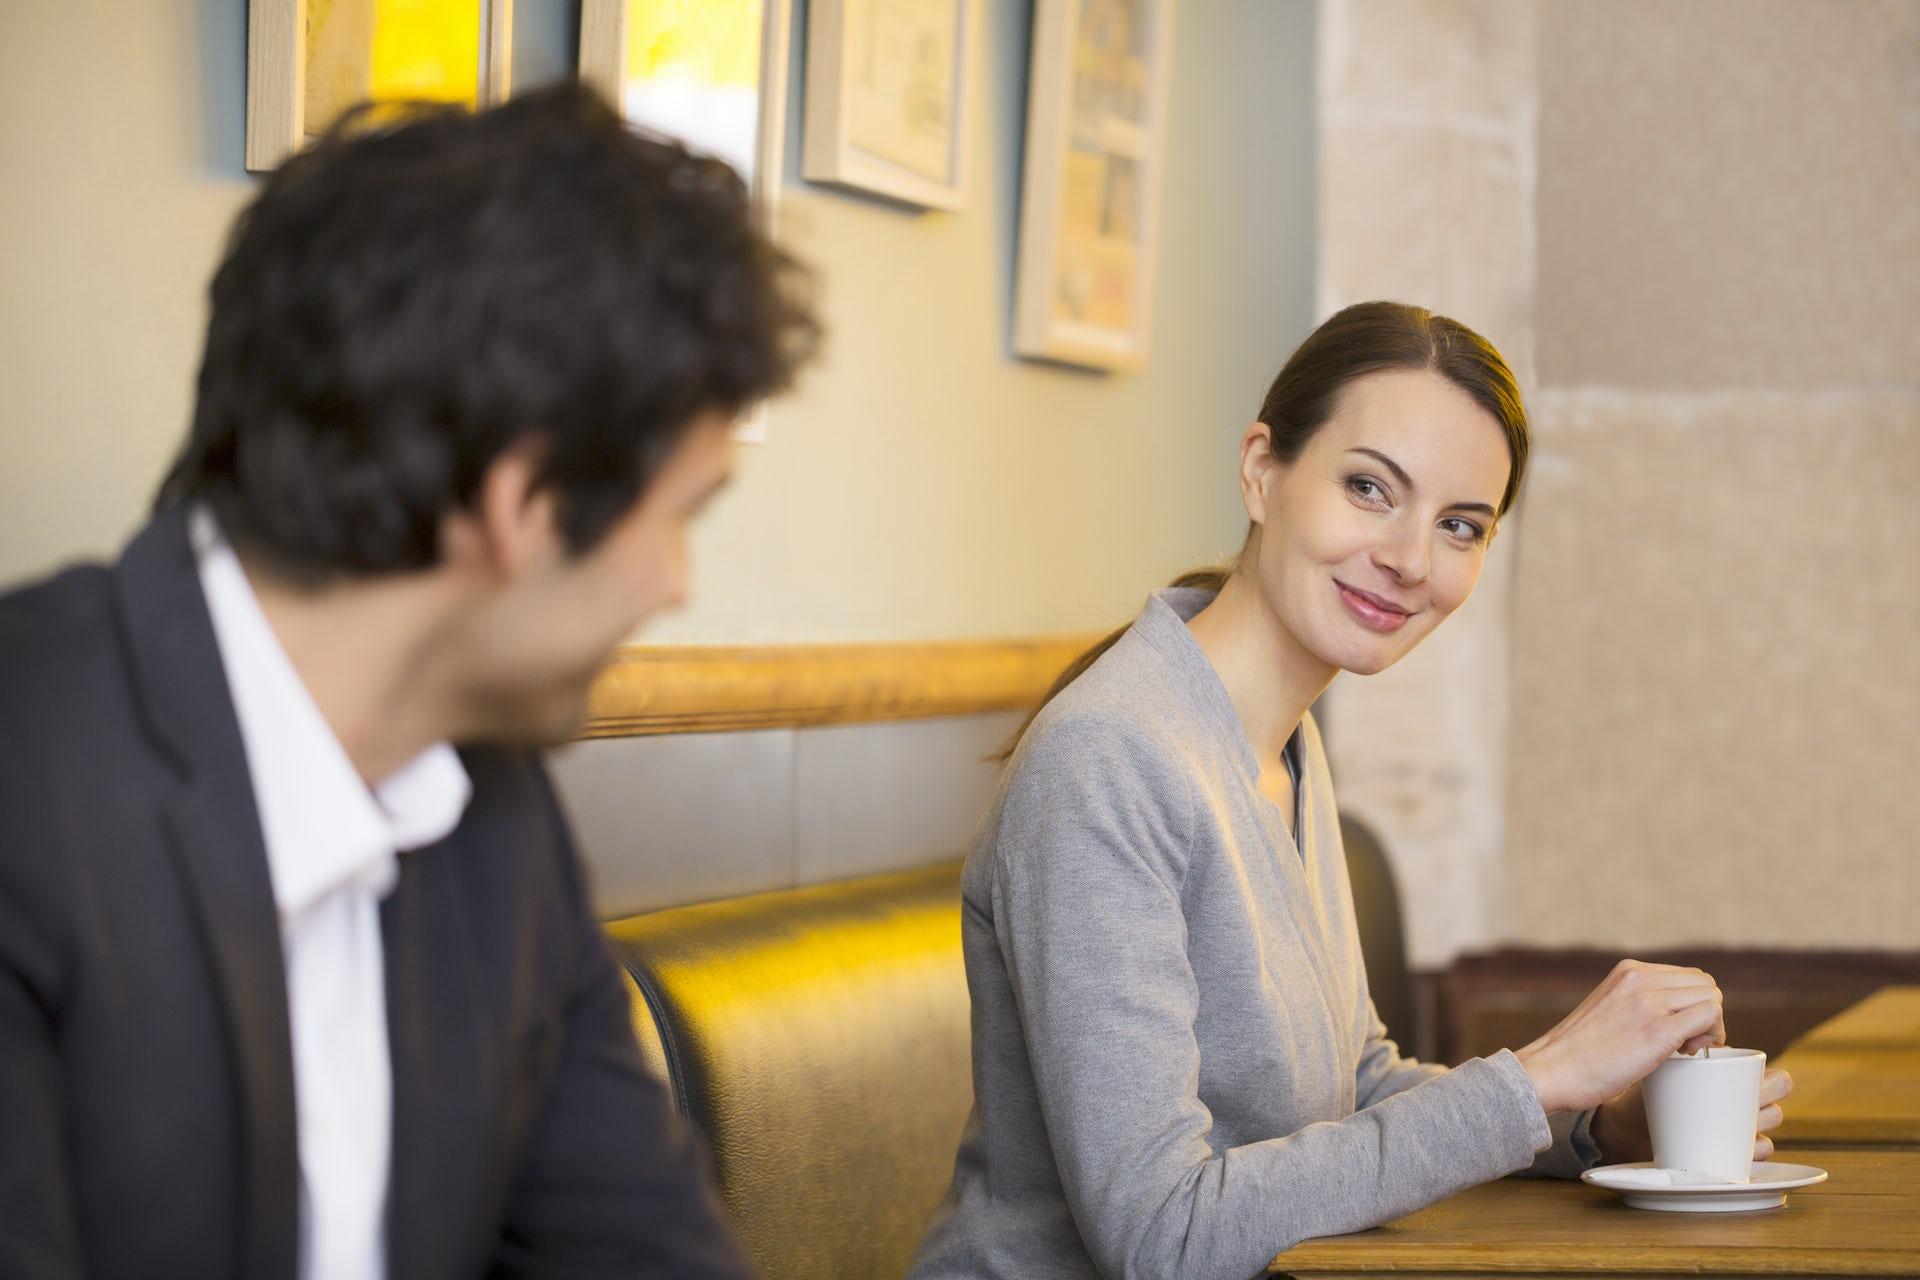 flirting moves that work for men video clips online